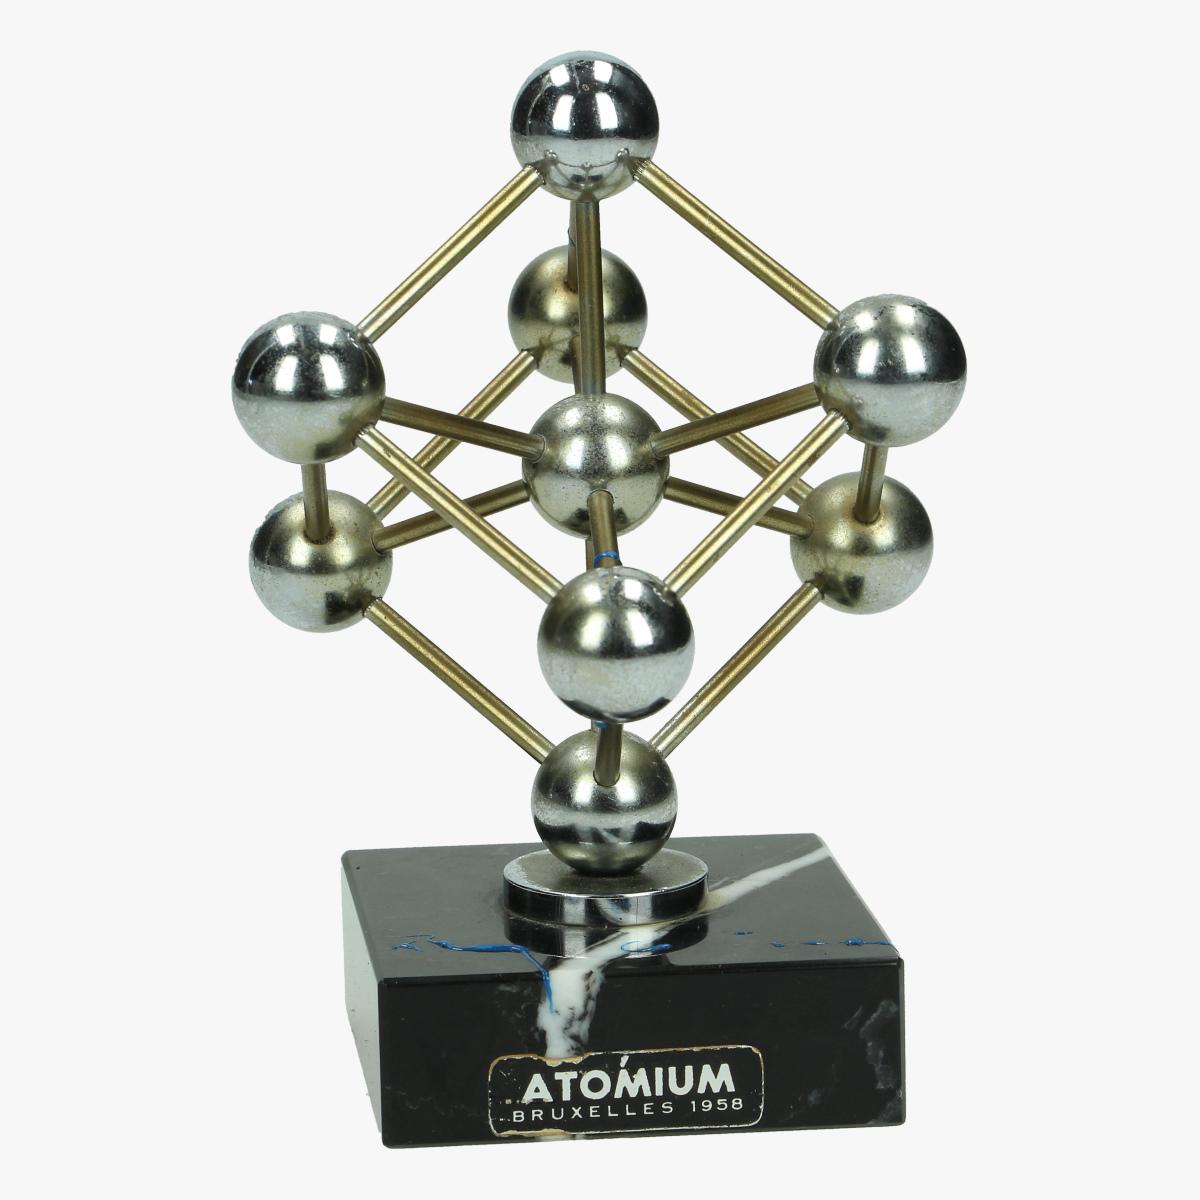 Afbeeldingen van atomium bruxelles 1958